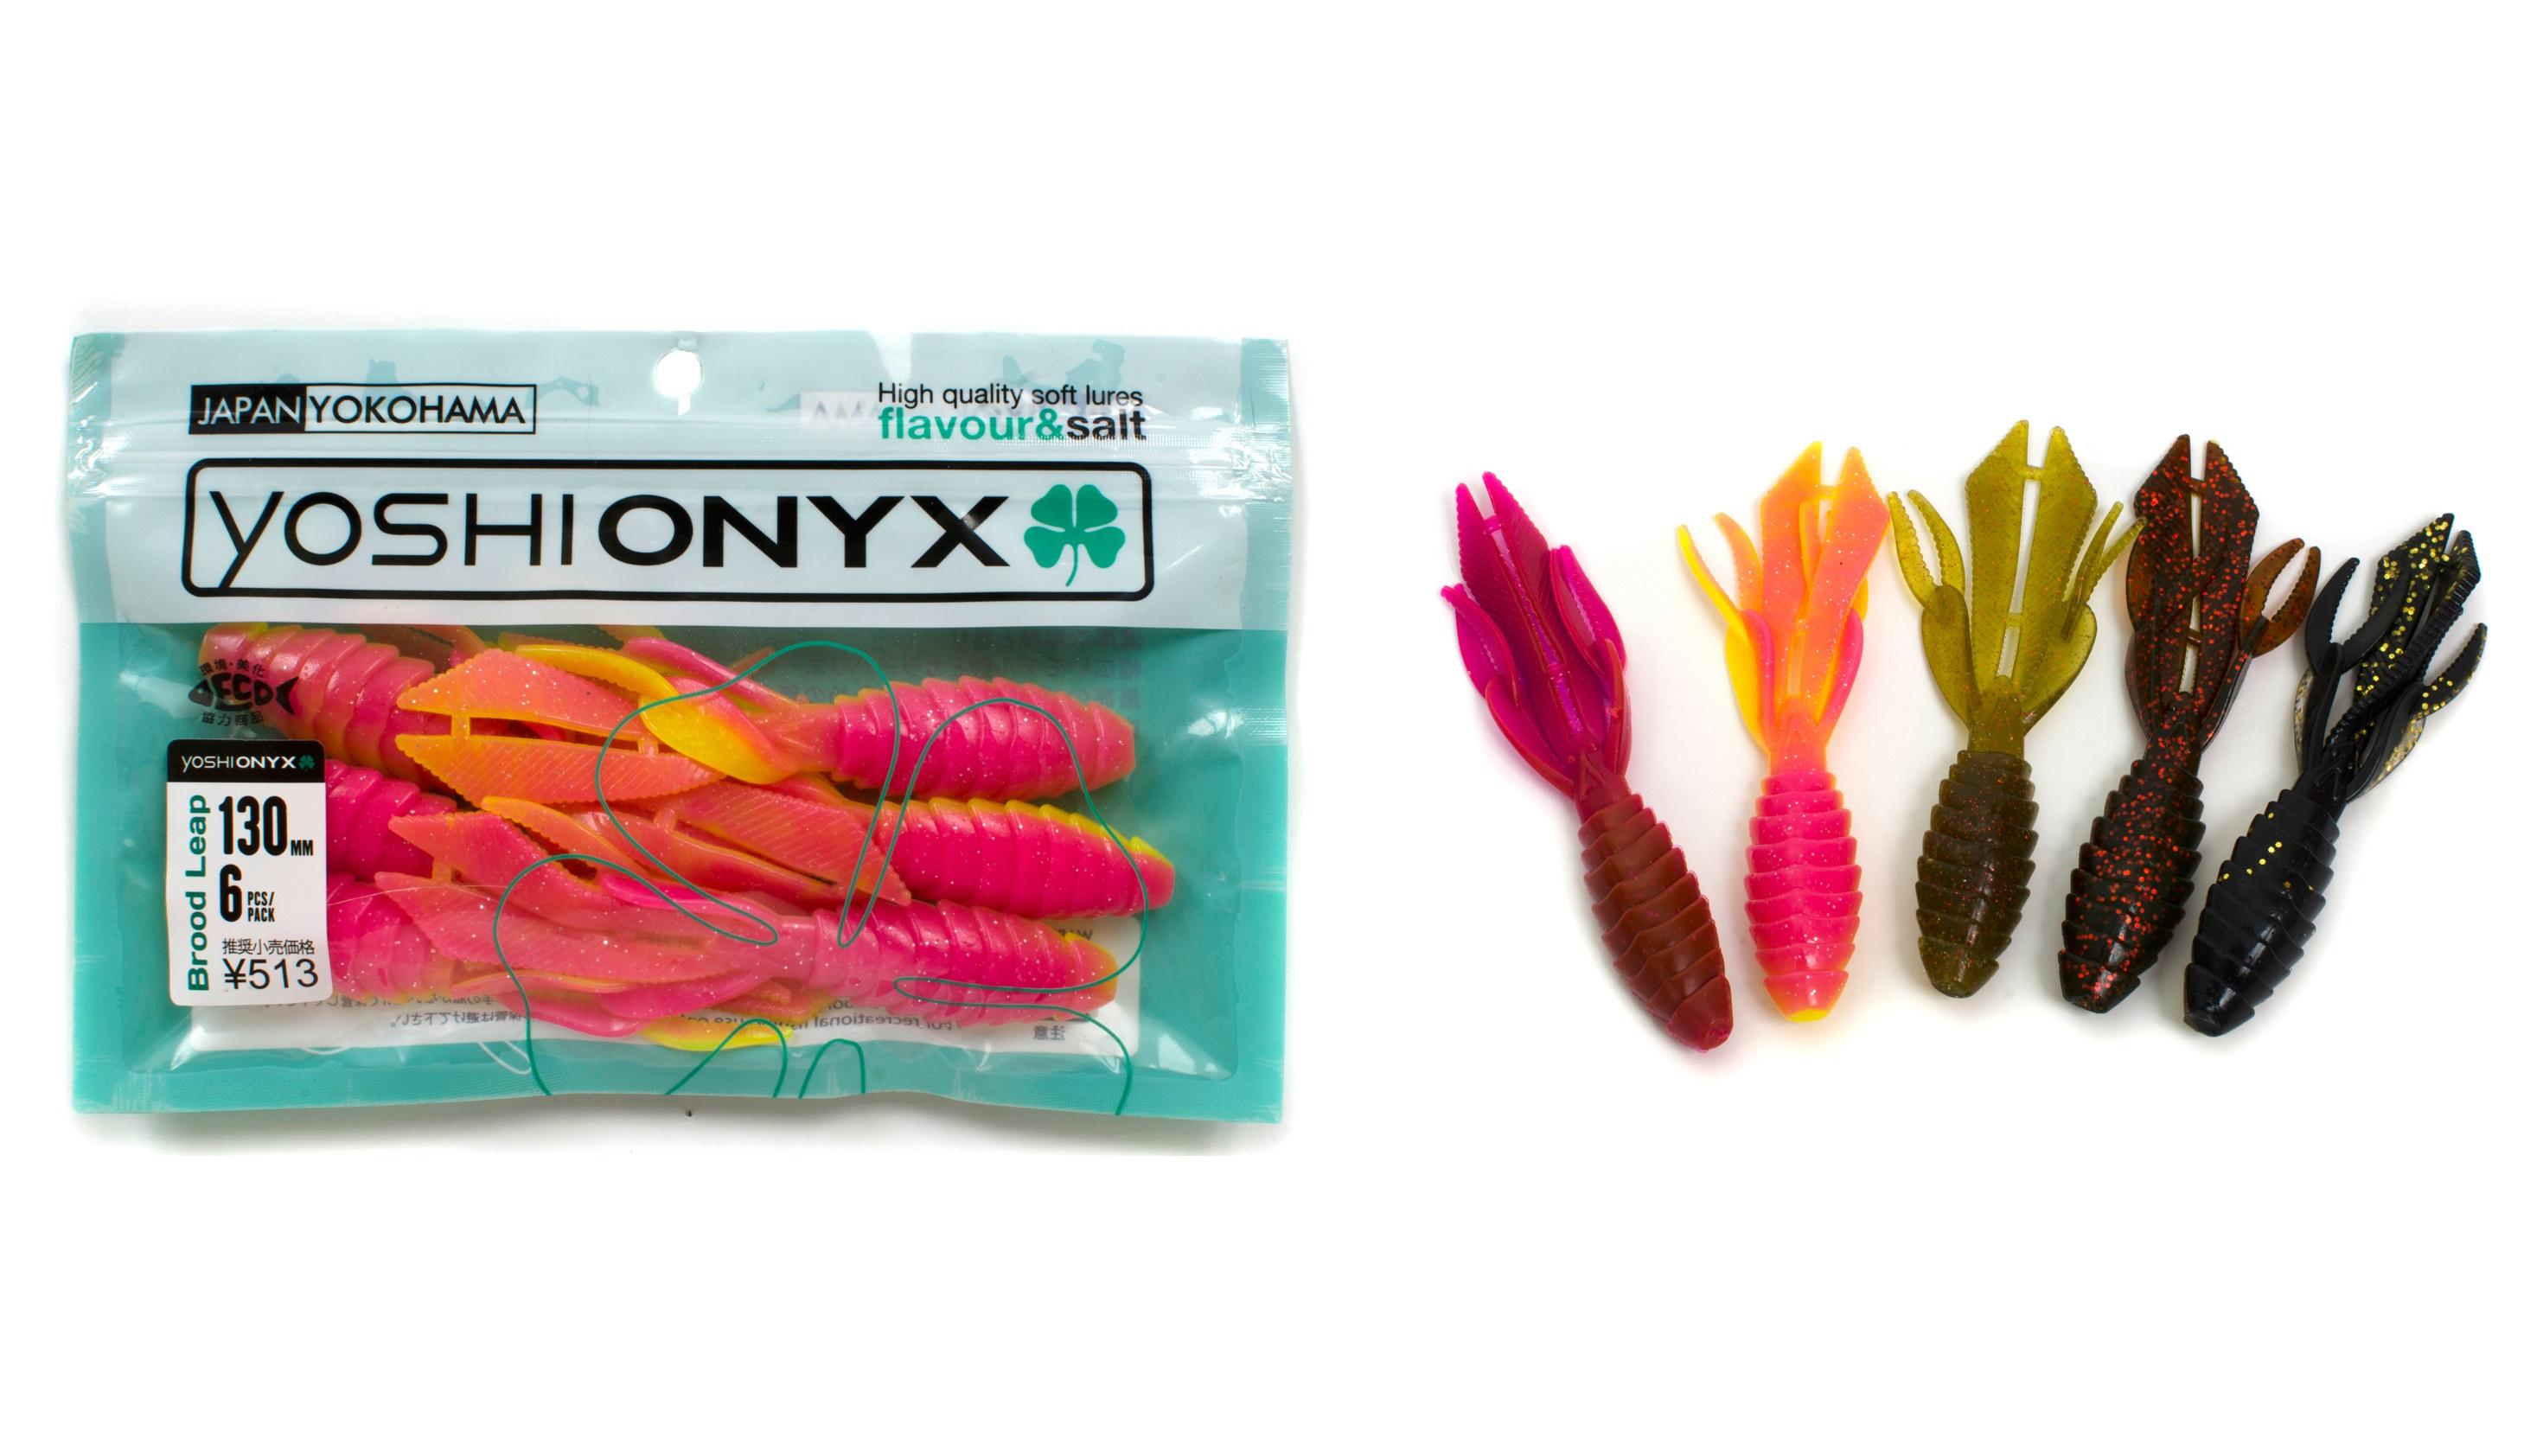 Приманка Yoshi Onyx Brood Leap 5.1Мягкие приманки<br>Впечатляющее членистоногое существо от Yoshi Onyx – Brood Leap. Это ракообразное из съедобного силикона - весомый выбор для основательной рыбалки. Глубокая, с основательным укрытием, яма, волнующее предчувствие выходящего за рамки грандиозного события – б...<br>